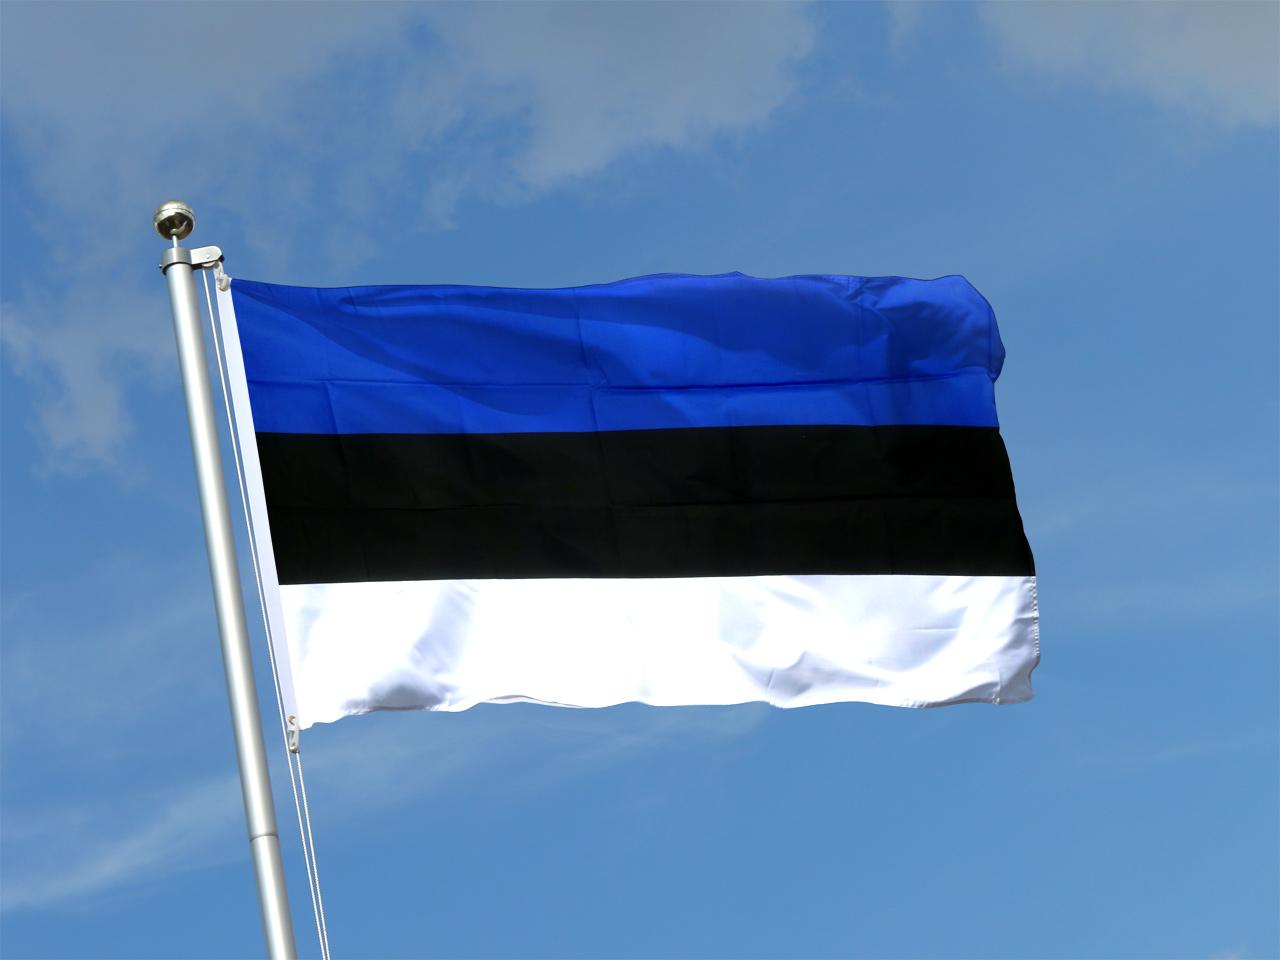 фото ЗакС политика Глава Псковской области снисходительно оценил территориальные претензии Эстонии